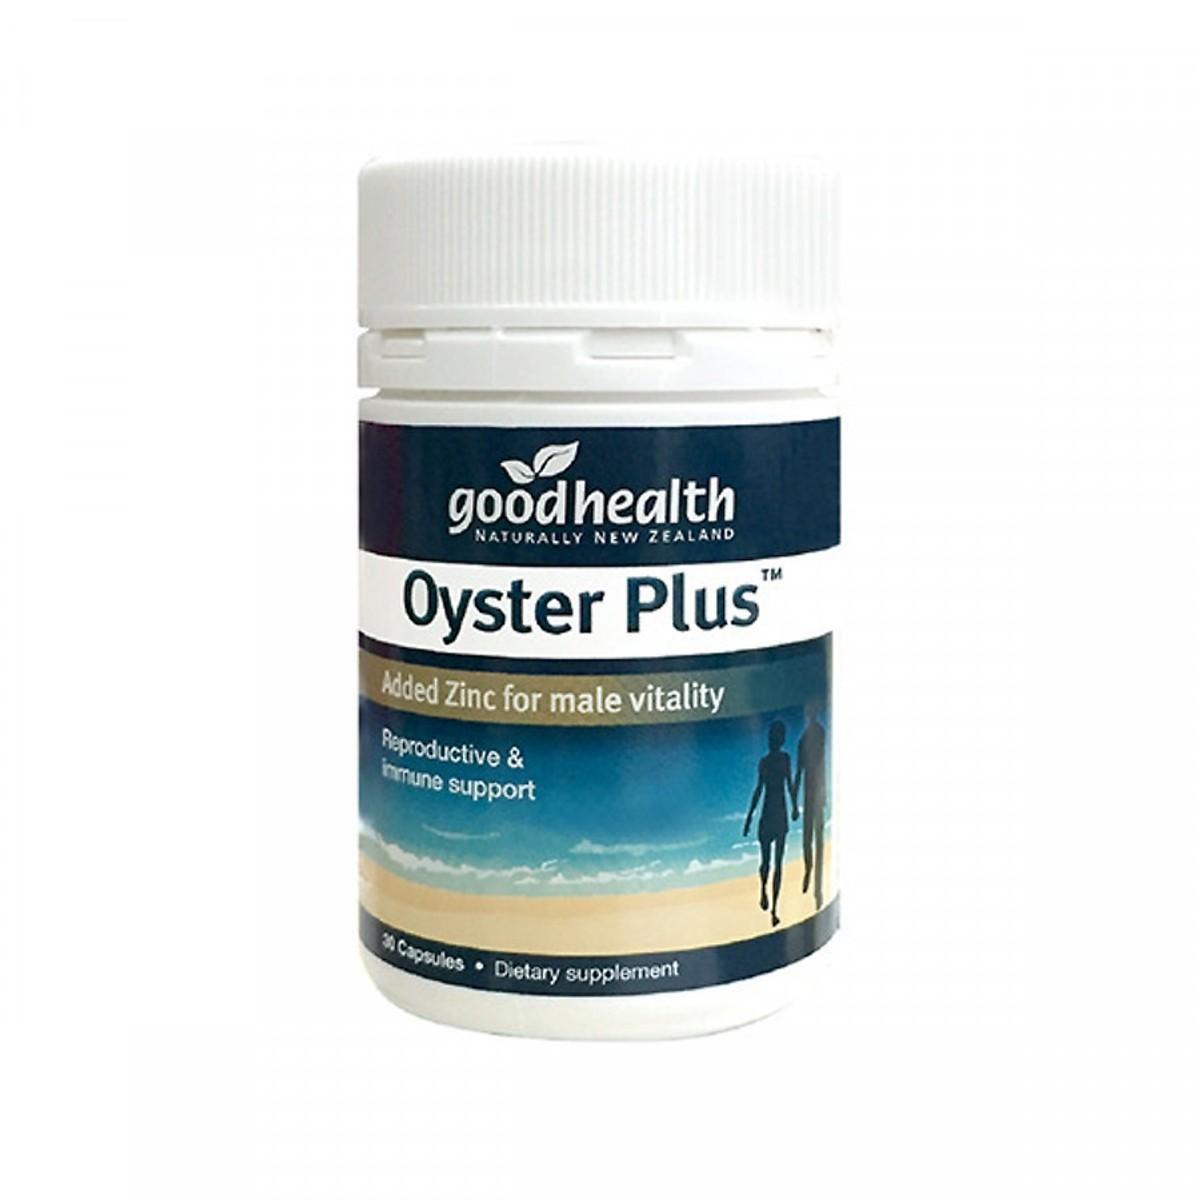 Tinh Chất Hàu Biển New Zealand GoodHealth Oyster Plus Hỗ trợ tăng cường sức khỏe nam giới (30 viên) - Nhập khẩu New Zealand chính hãng